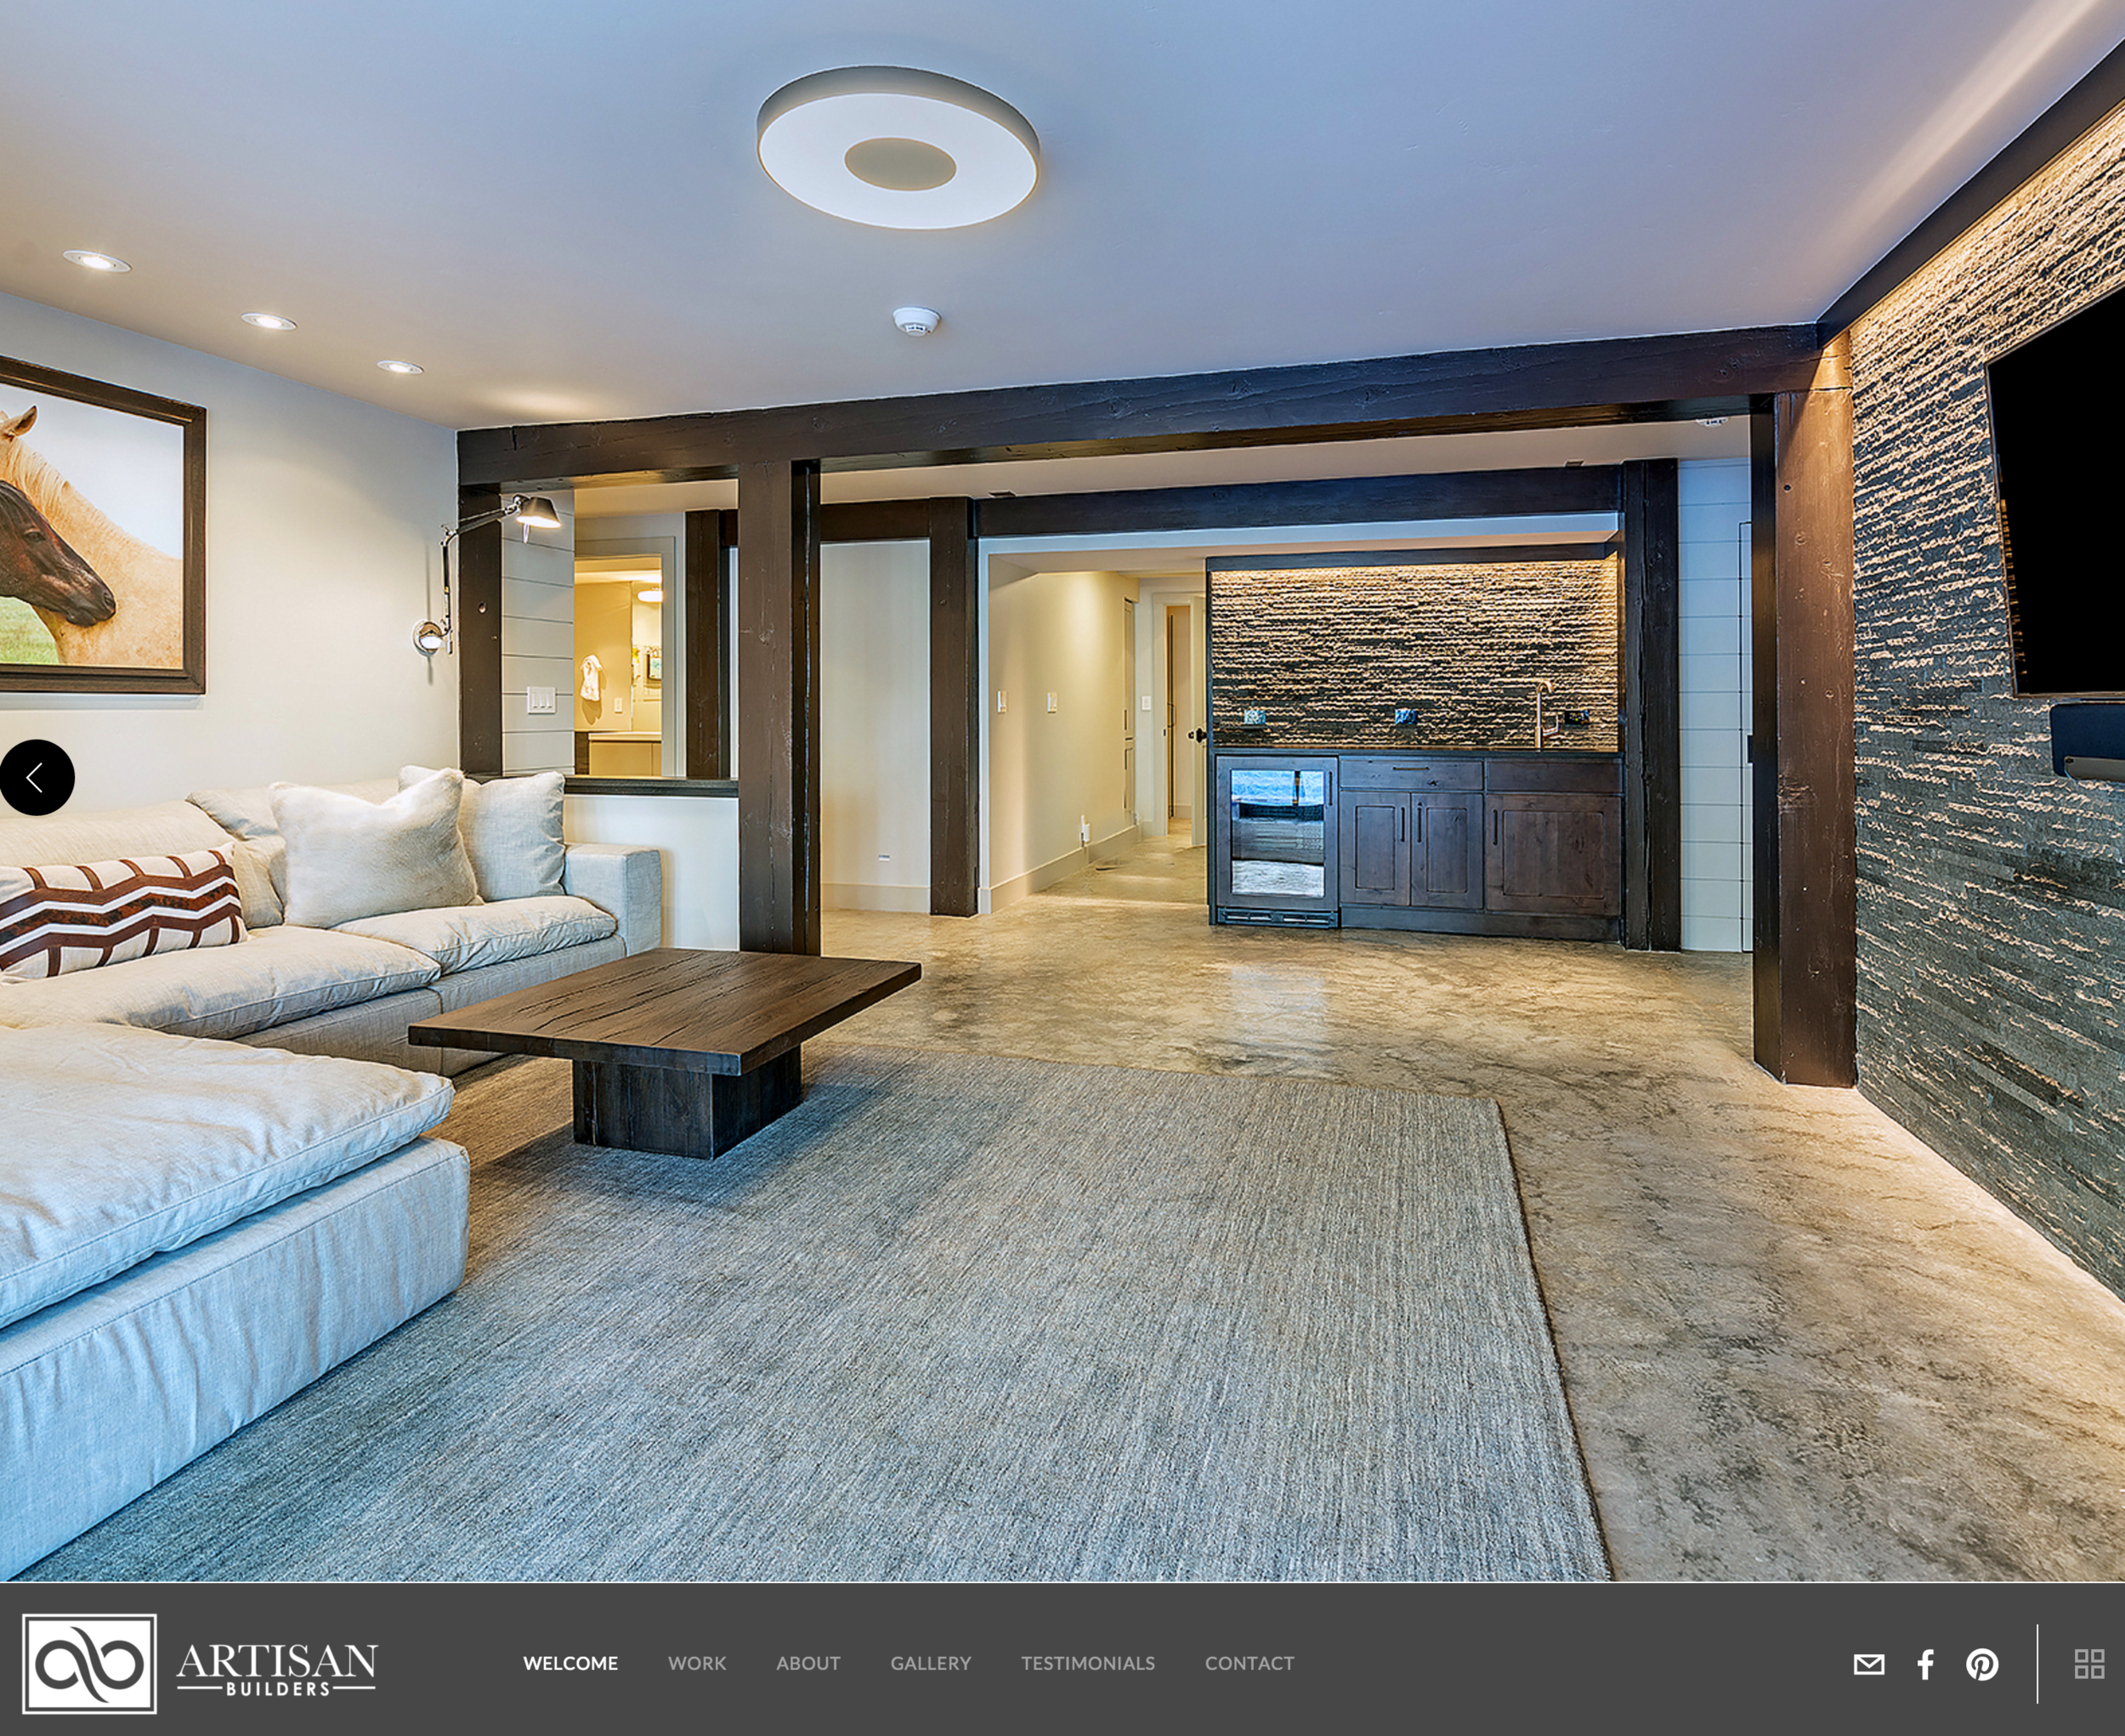 Website for Artisan Builders